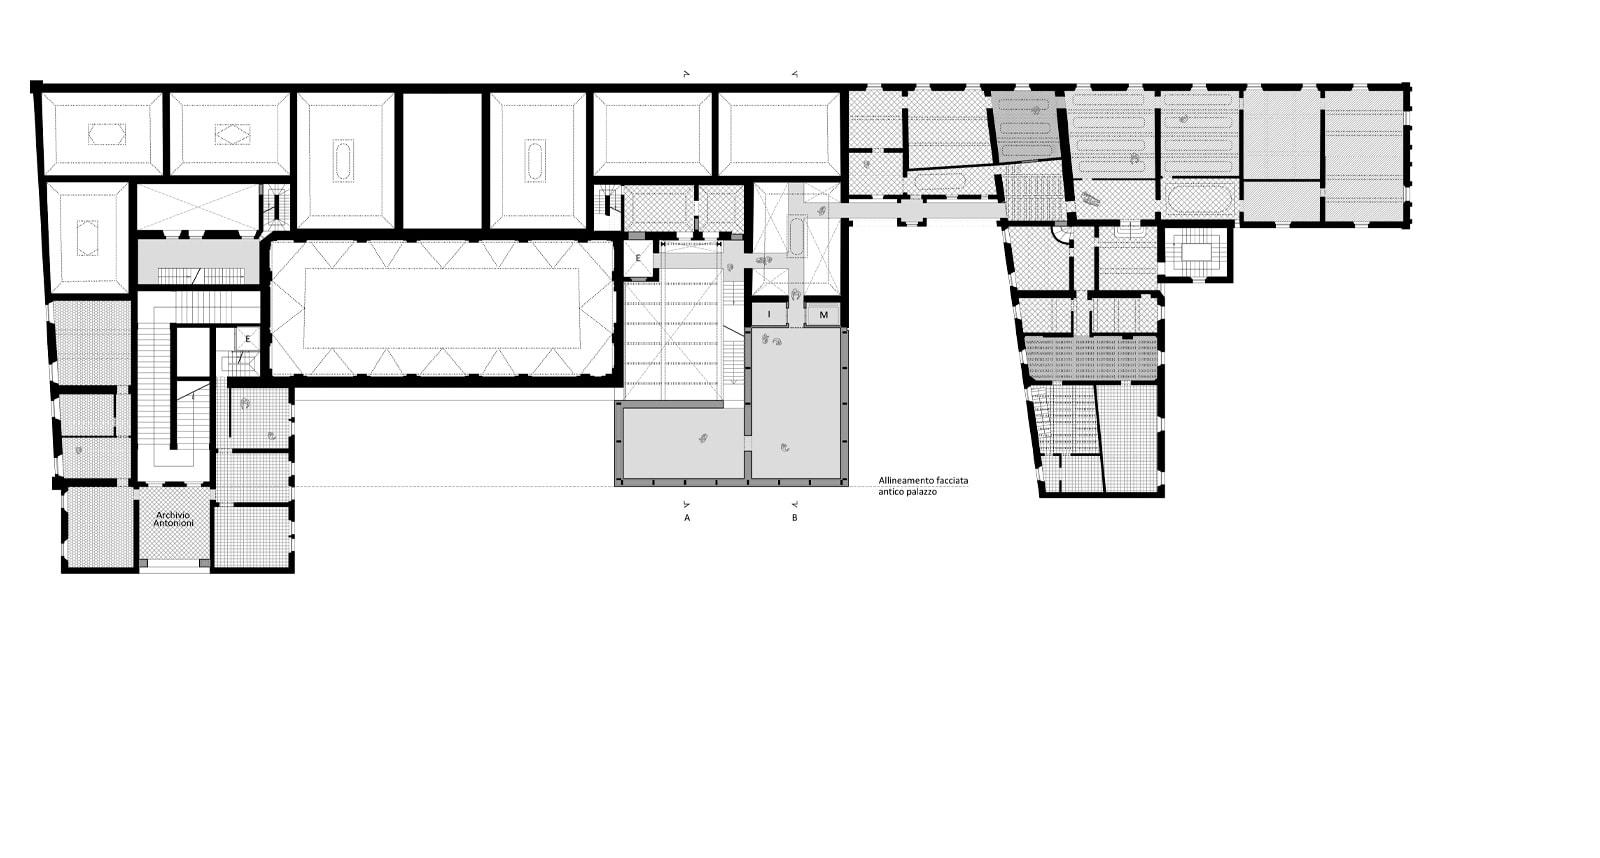 palazzo-massari-first-floor